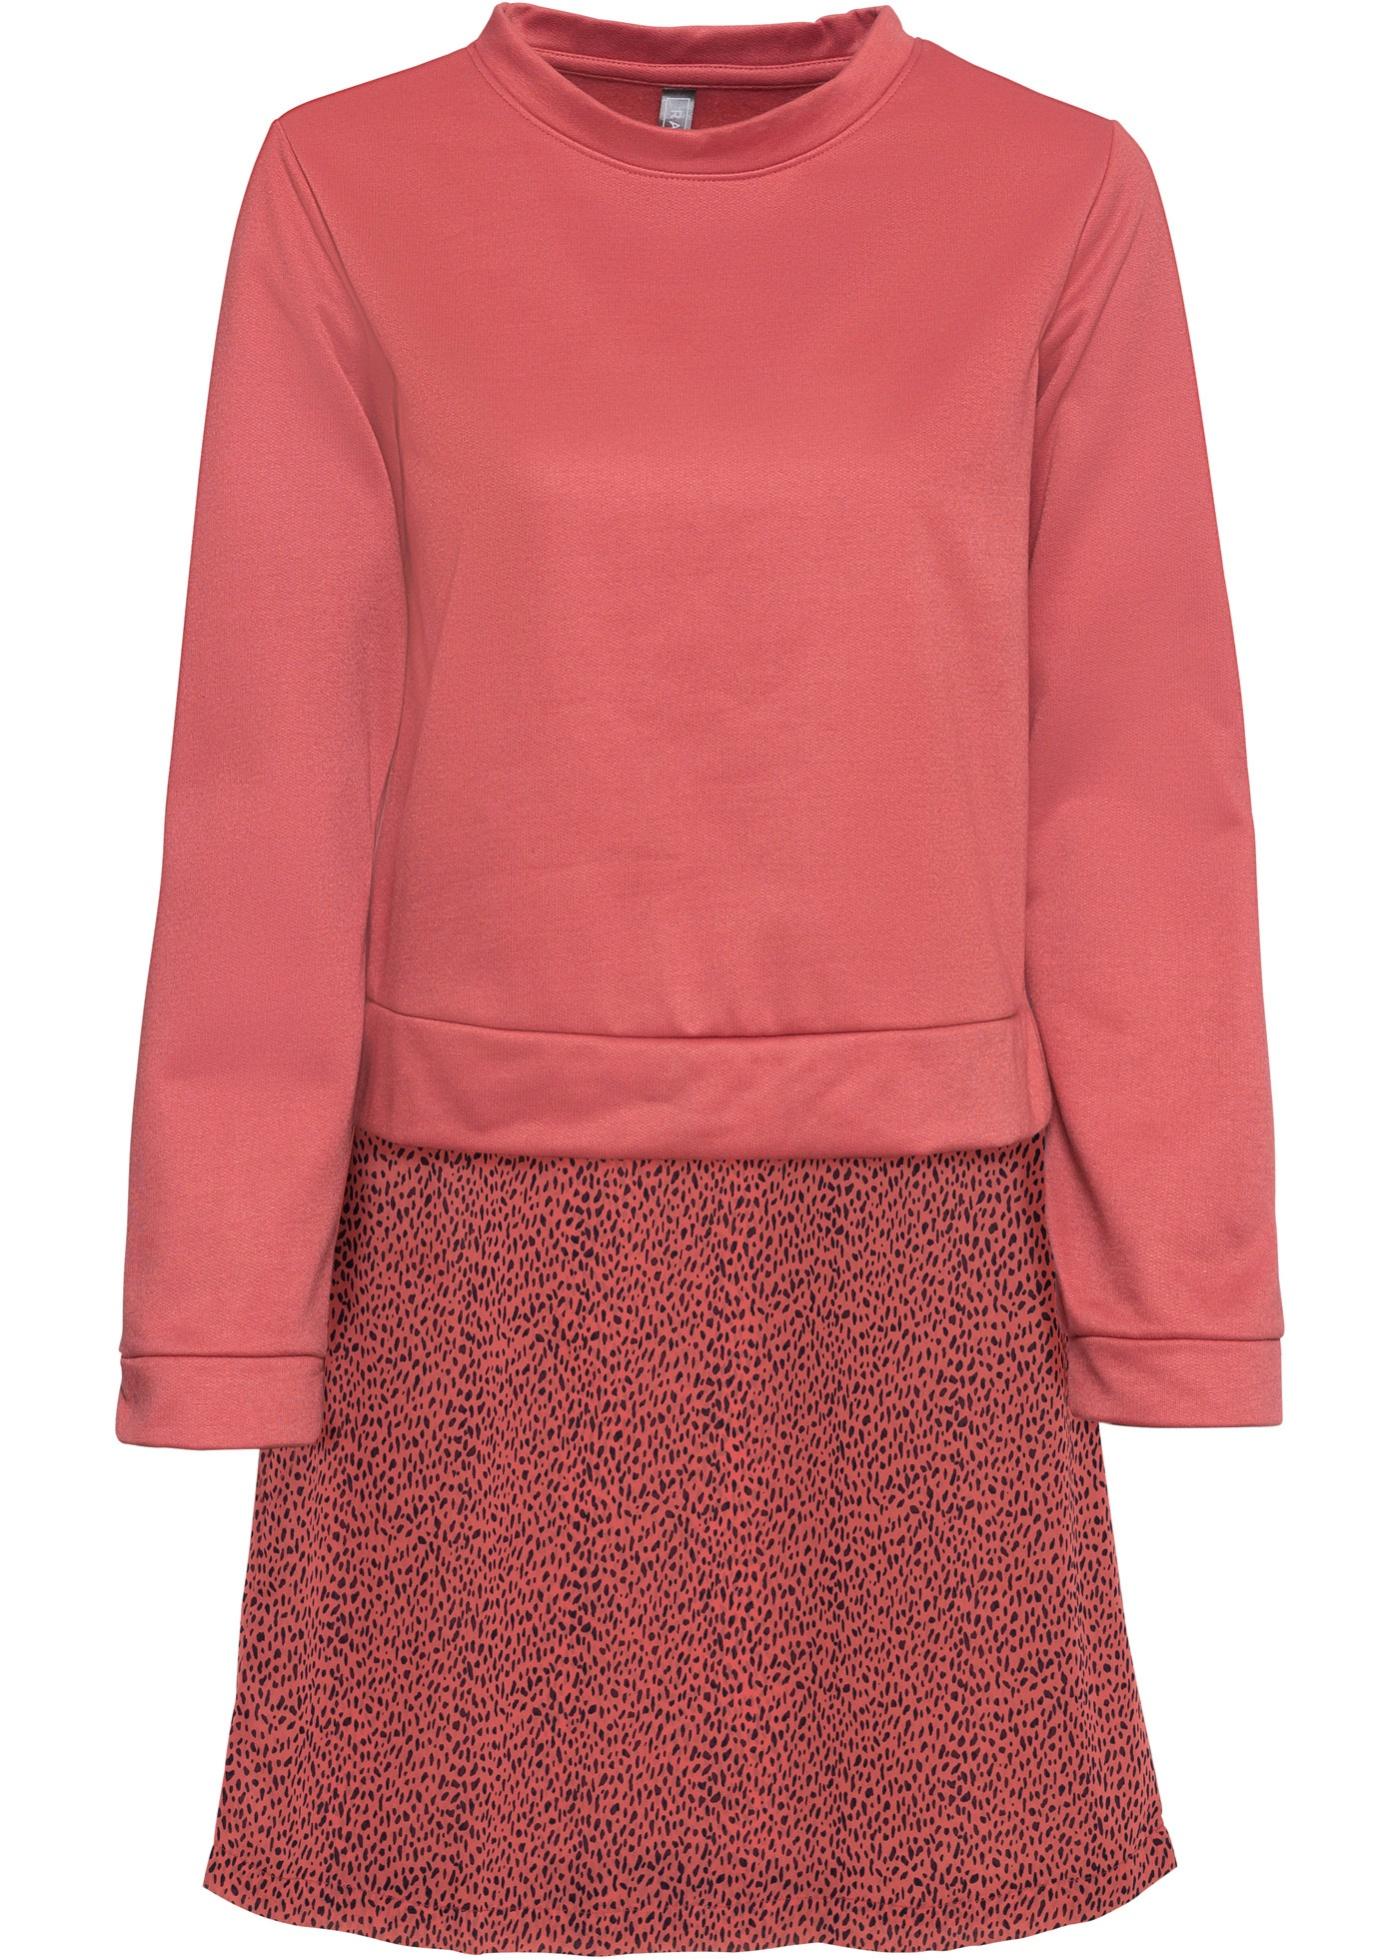 Sweatshirt mit Rockteil langarm  in rosa für Damen von bonprix